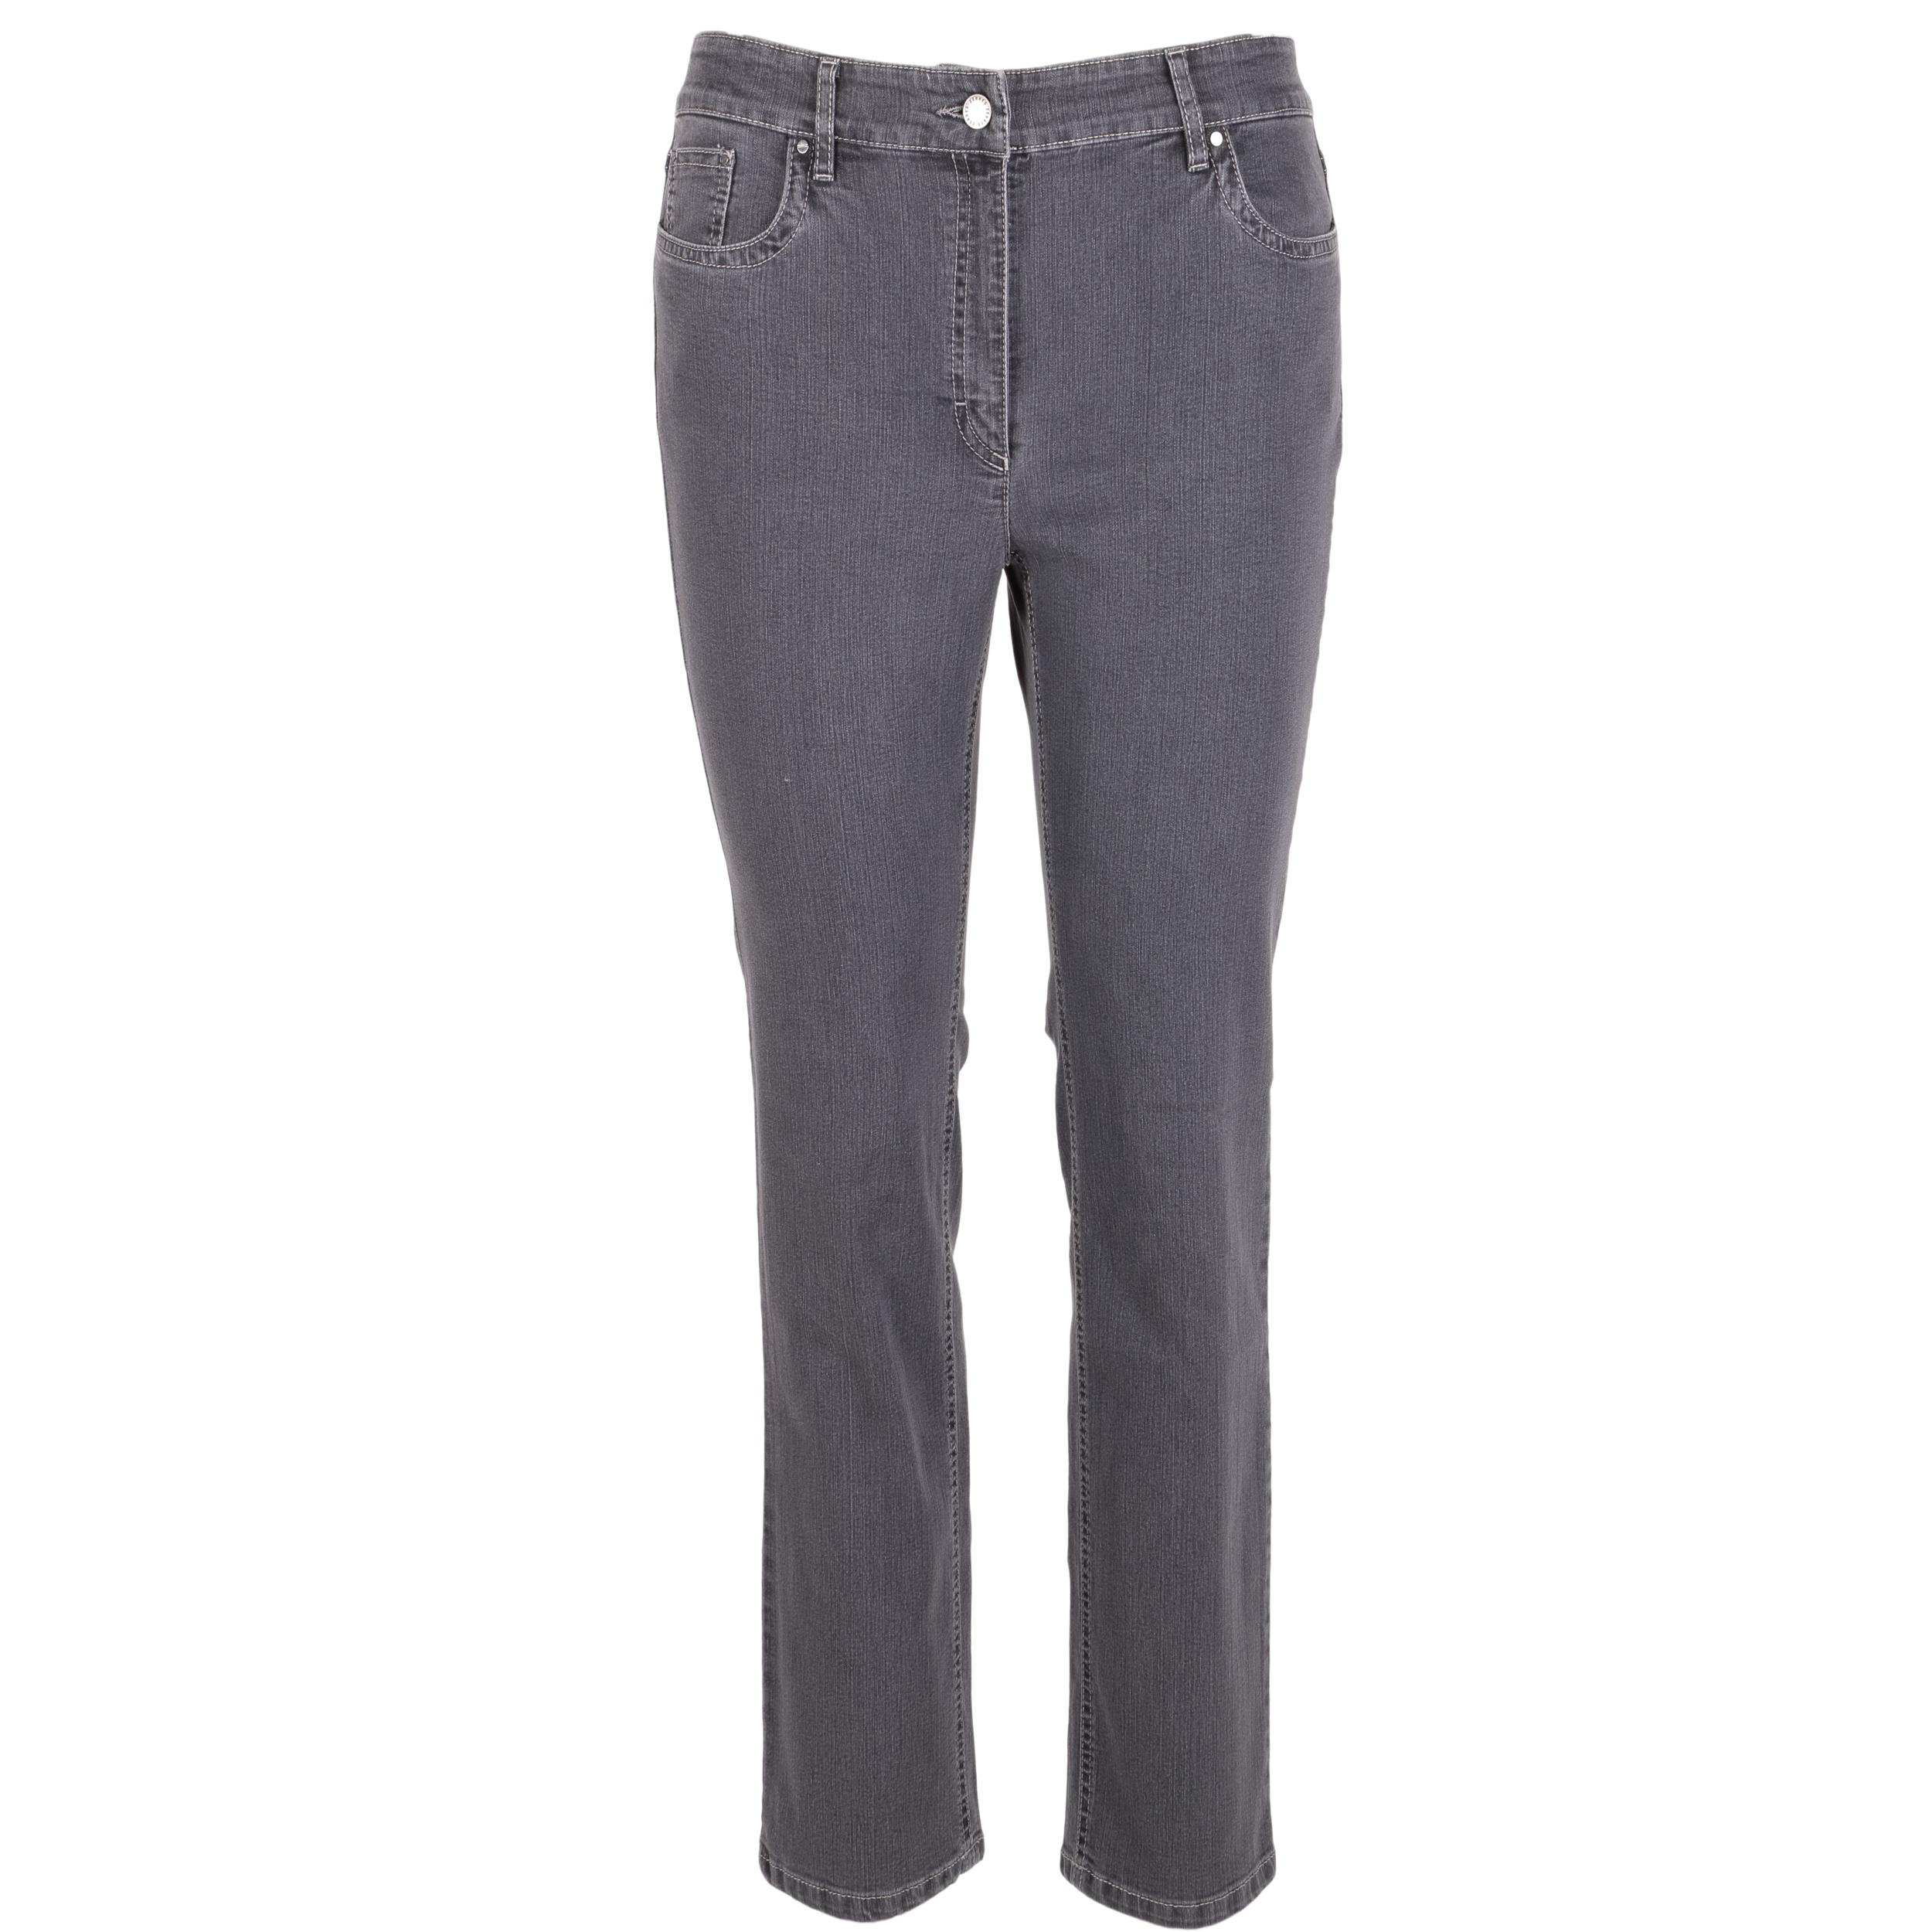 Zerres Damen Jeans Cora comfort S 42 grau